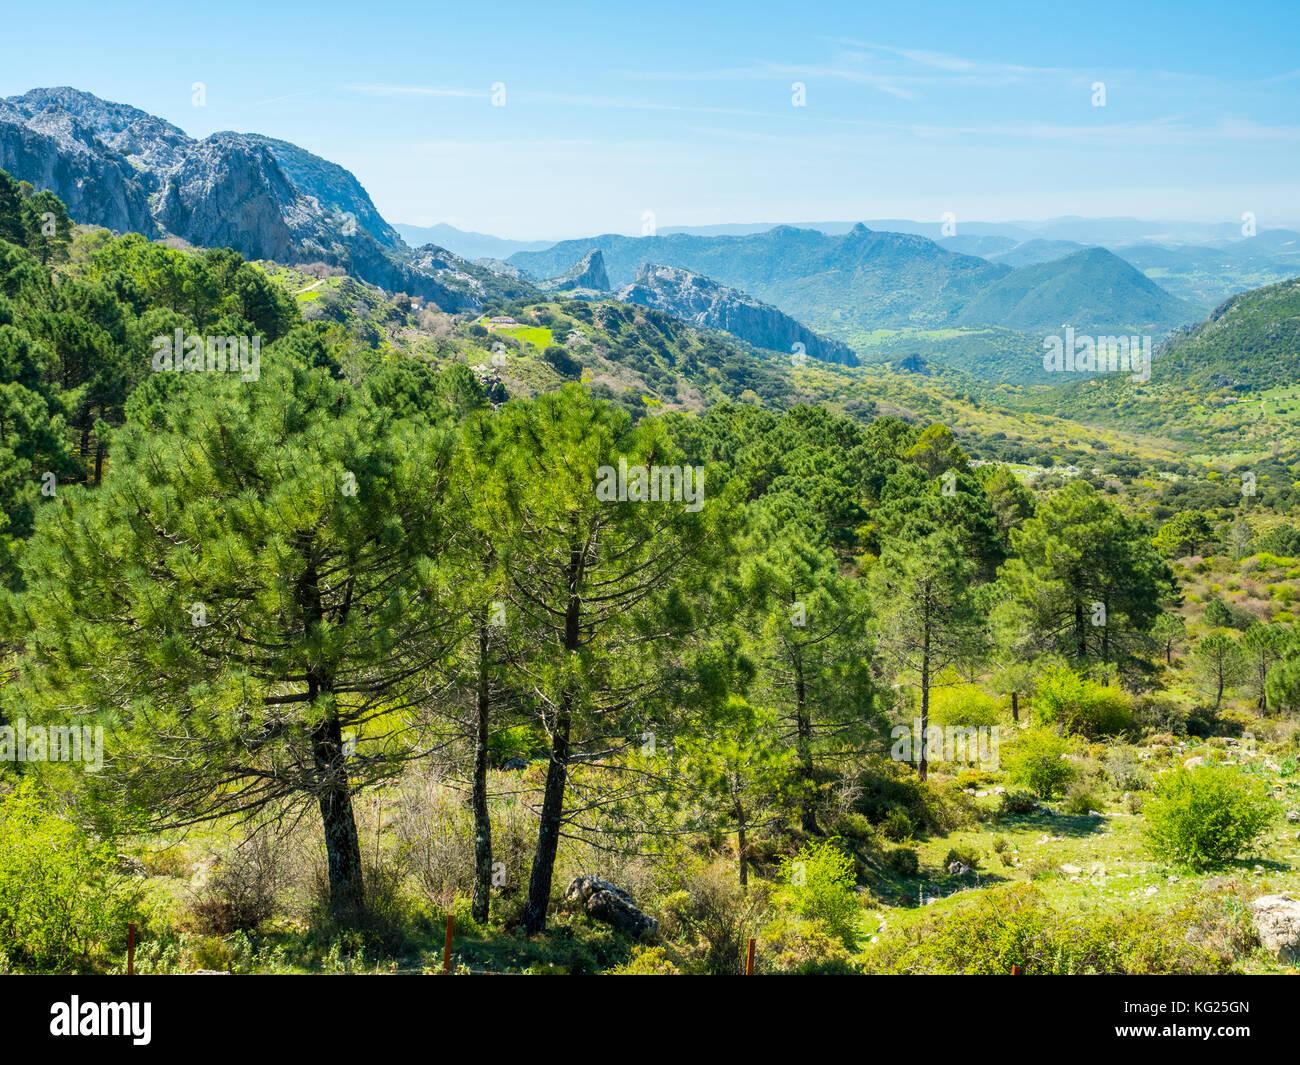 Sierra de Grazalema, Andalucia, Spain, Europe - Stock Image